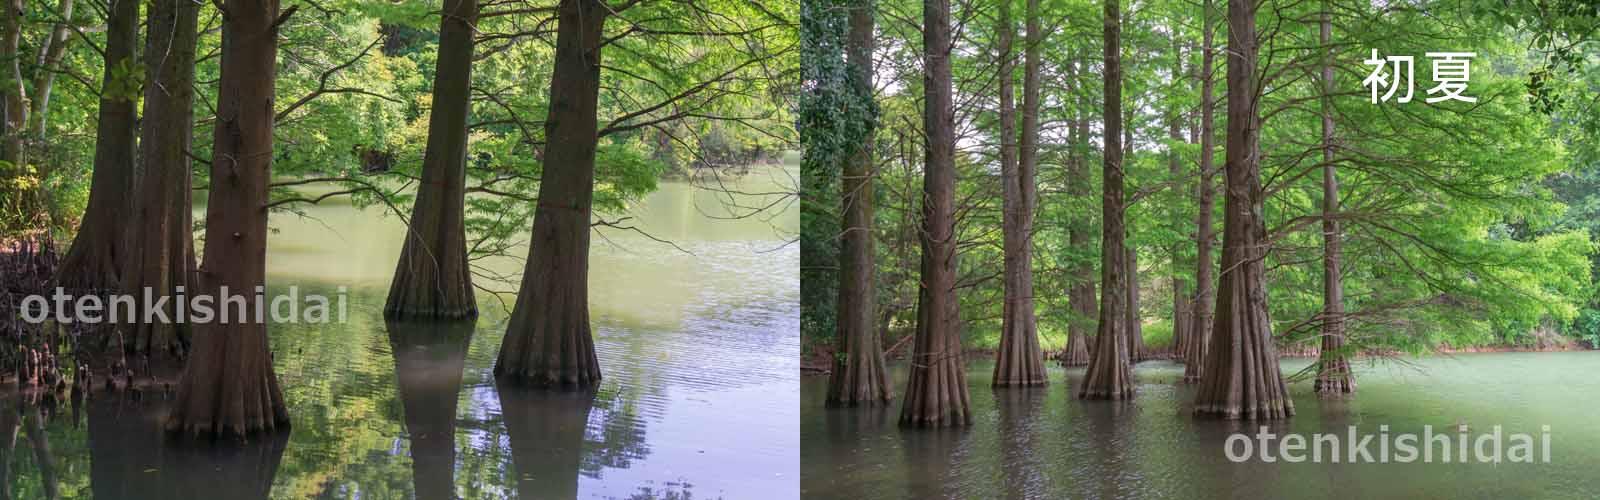 初夏の水辺の森